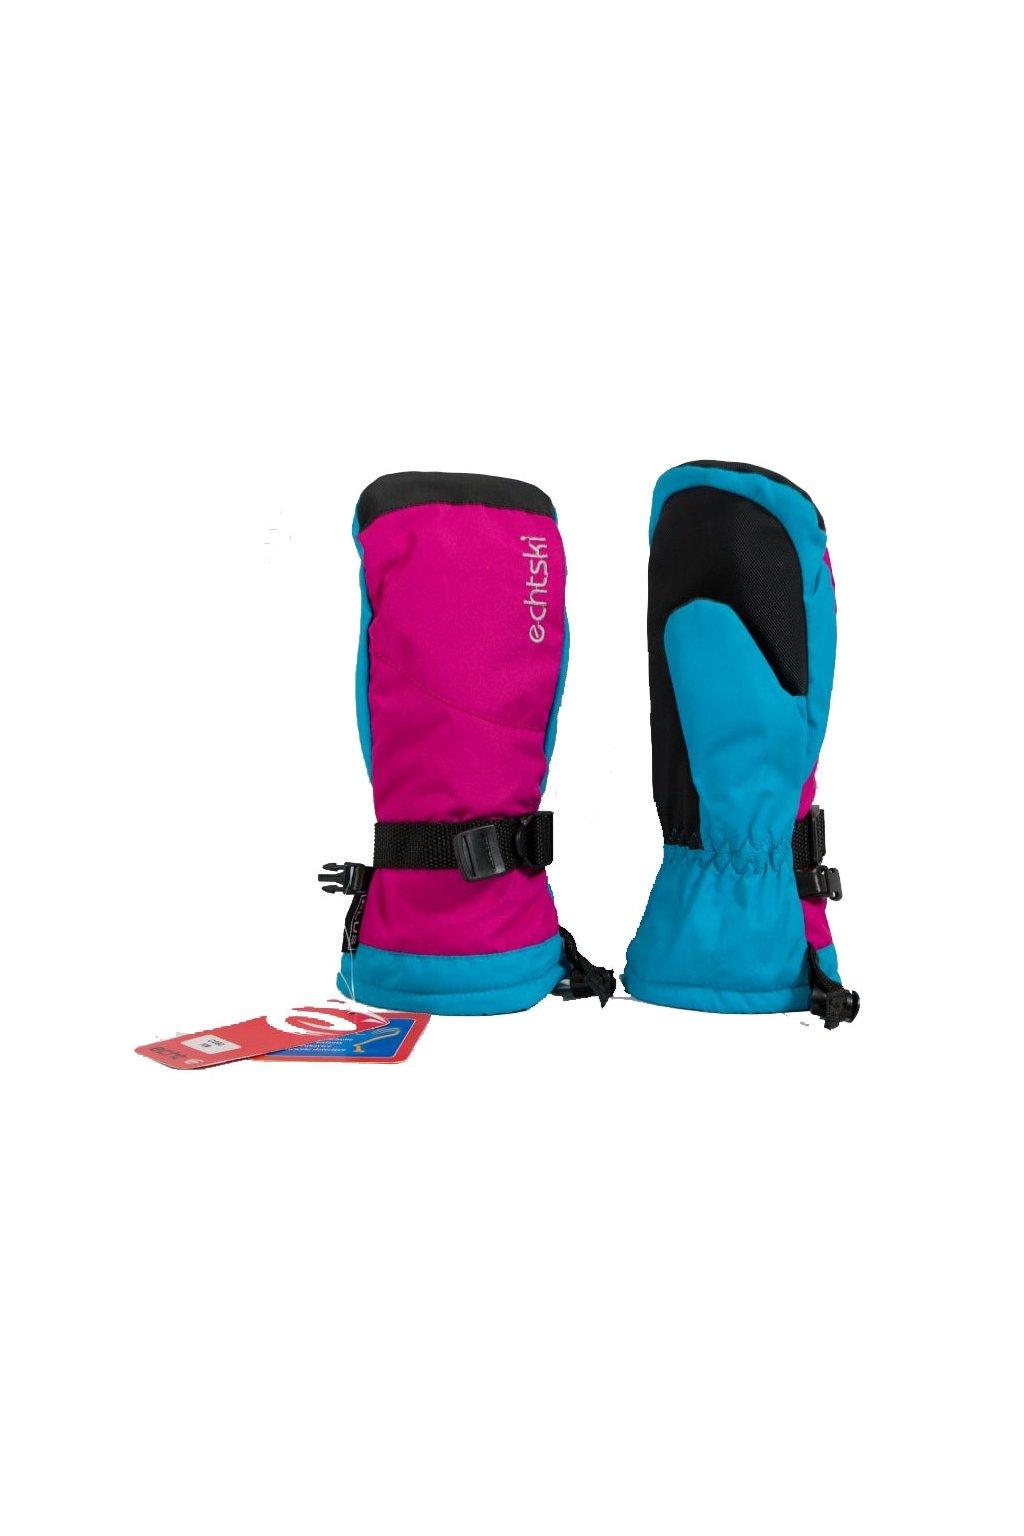 Dětské lyžařské palčáky C080 růžovo-modrá